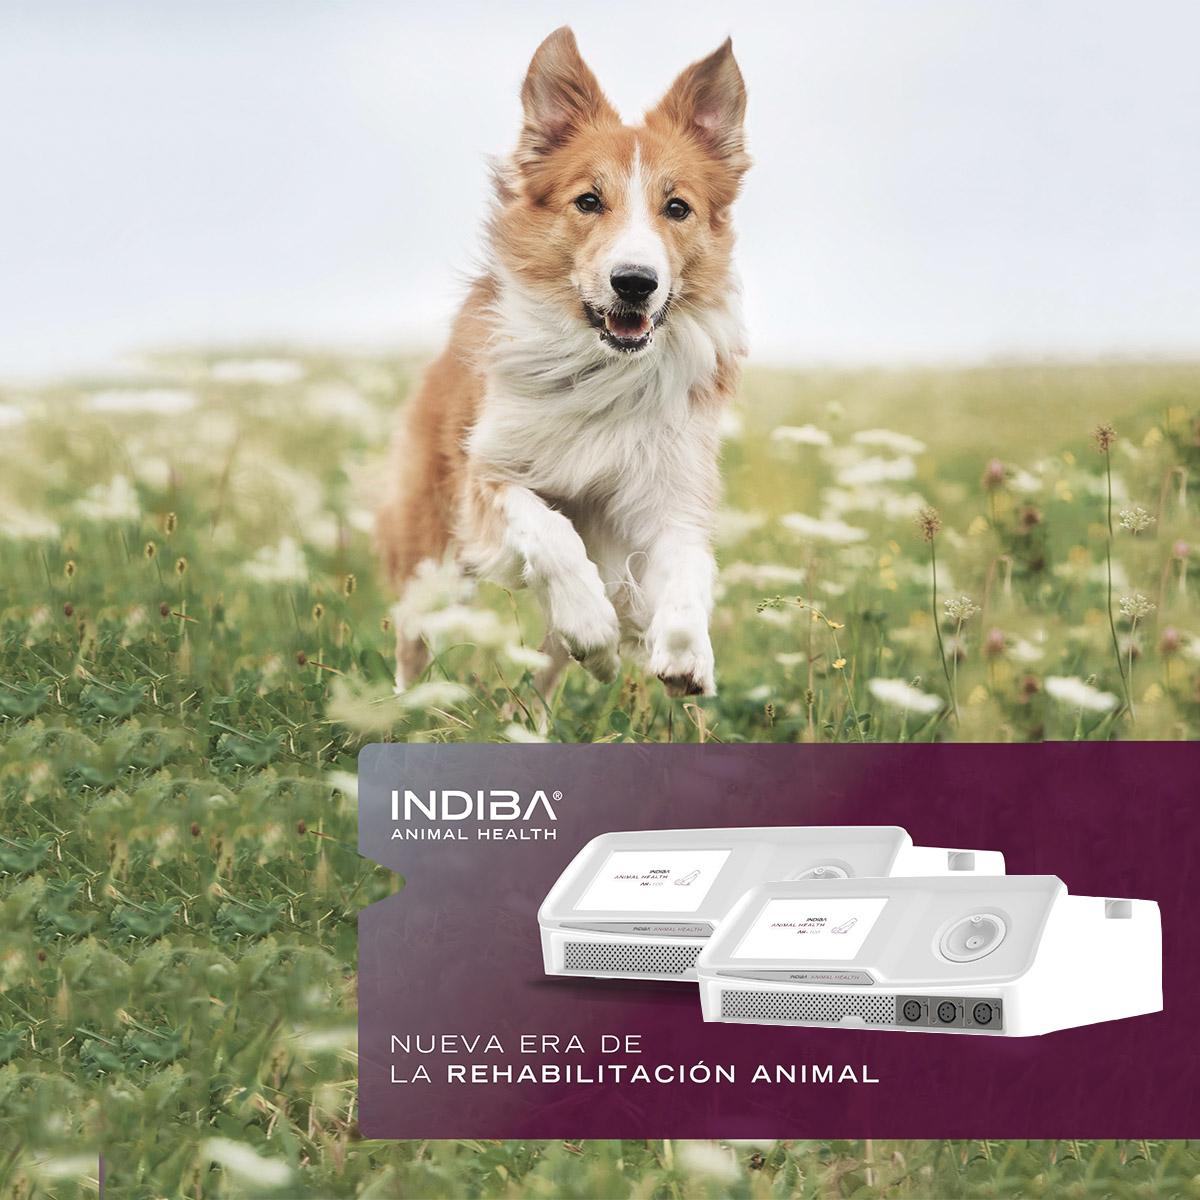 Indiba Animal Health